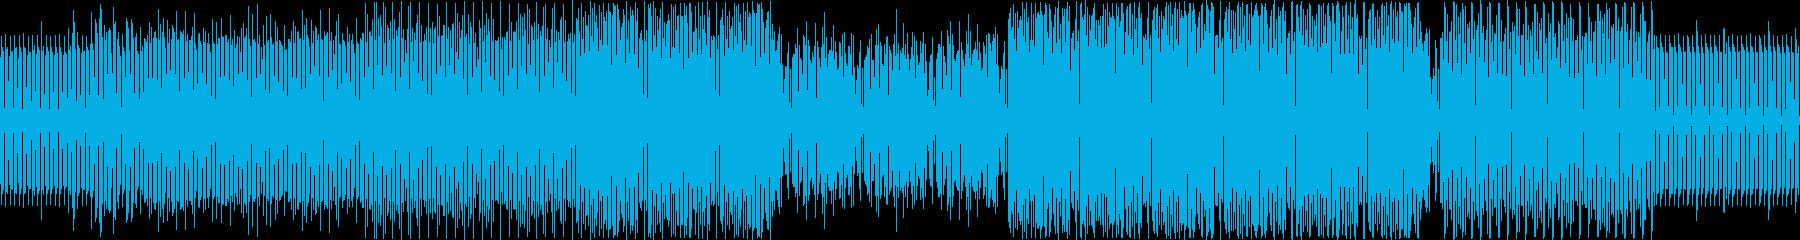 ディープ・ハウス。離調サックス。の再生済みの波形